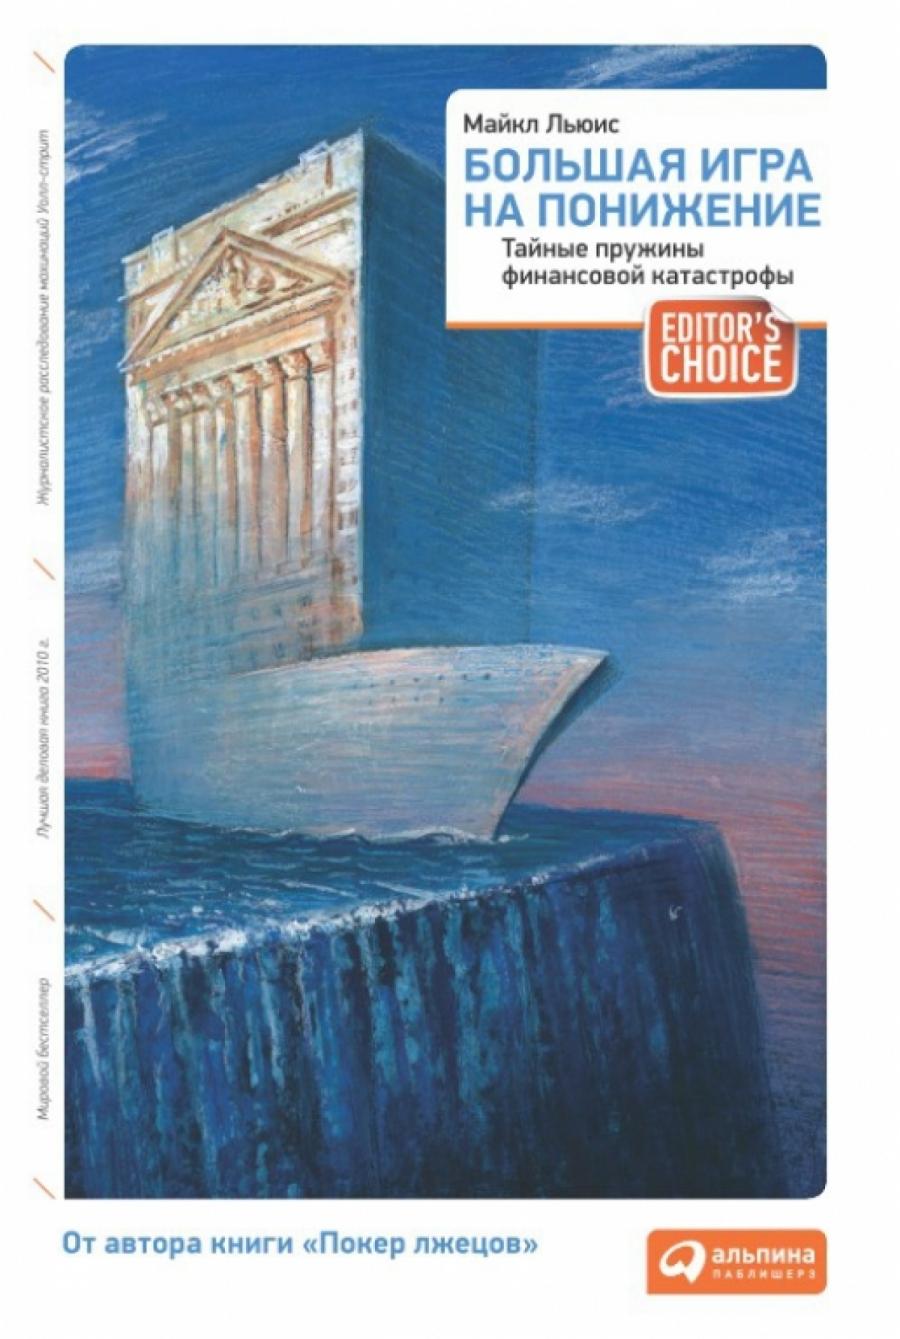 Обложка книги:  майкл льюис - большая игра на понижение. тайные пружины финансовой катастрофы